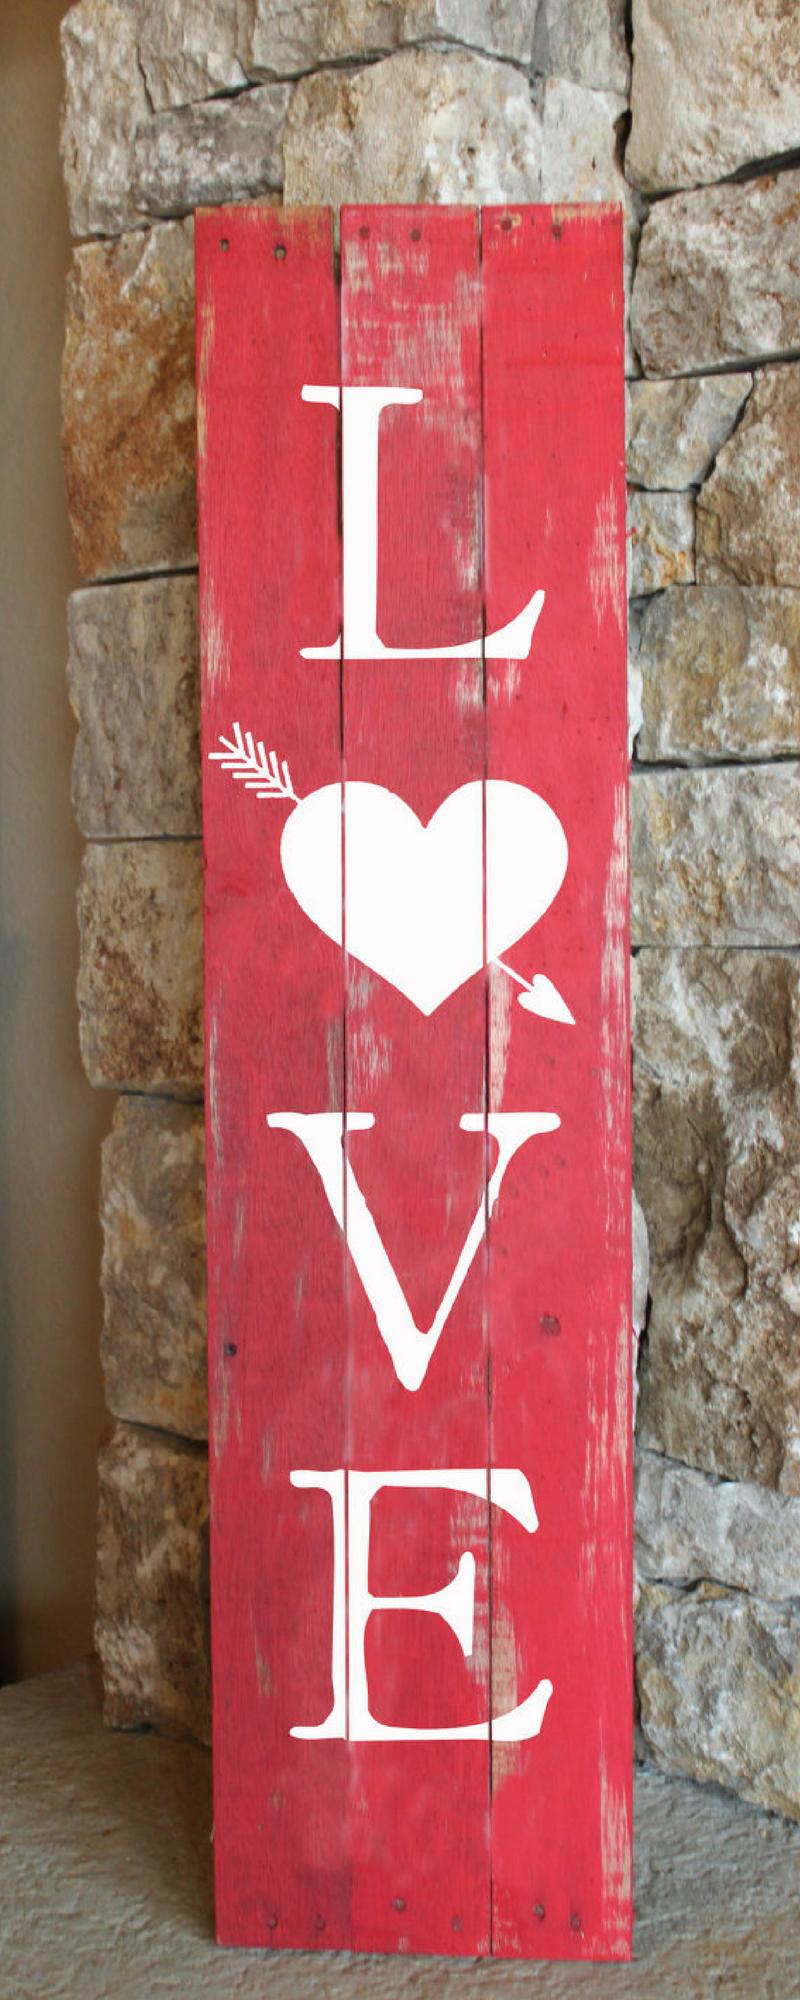 Front door for V-day! #decor #frontdoor #love #valentine #red ...